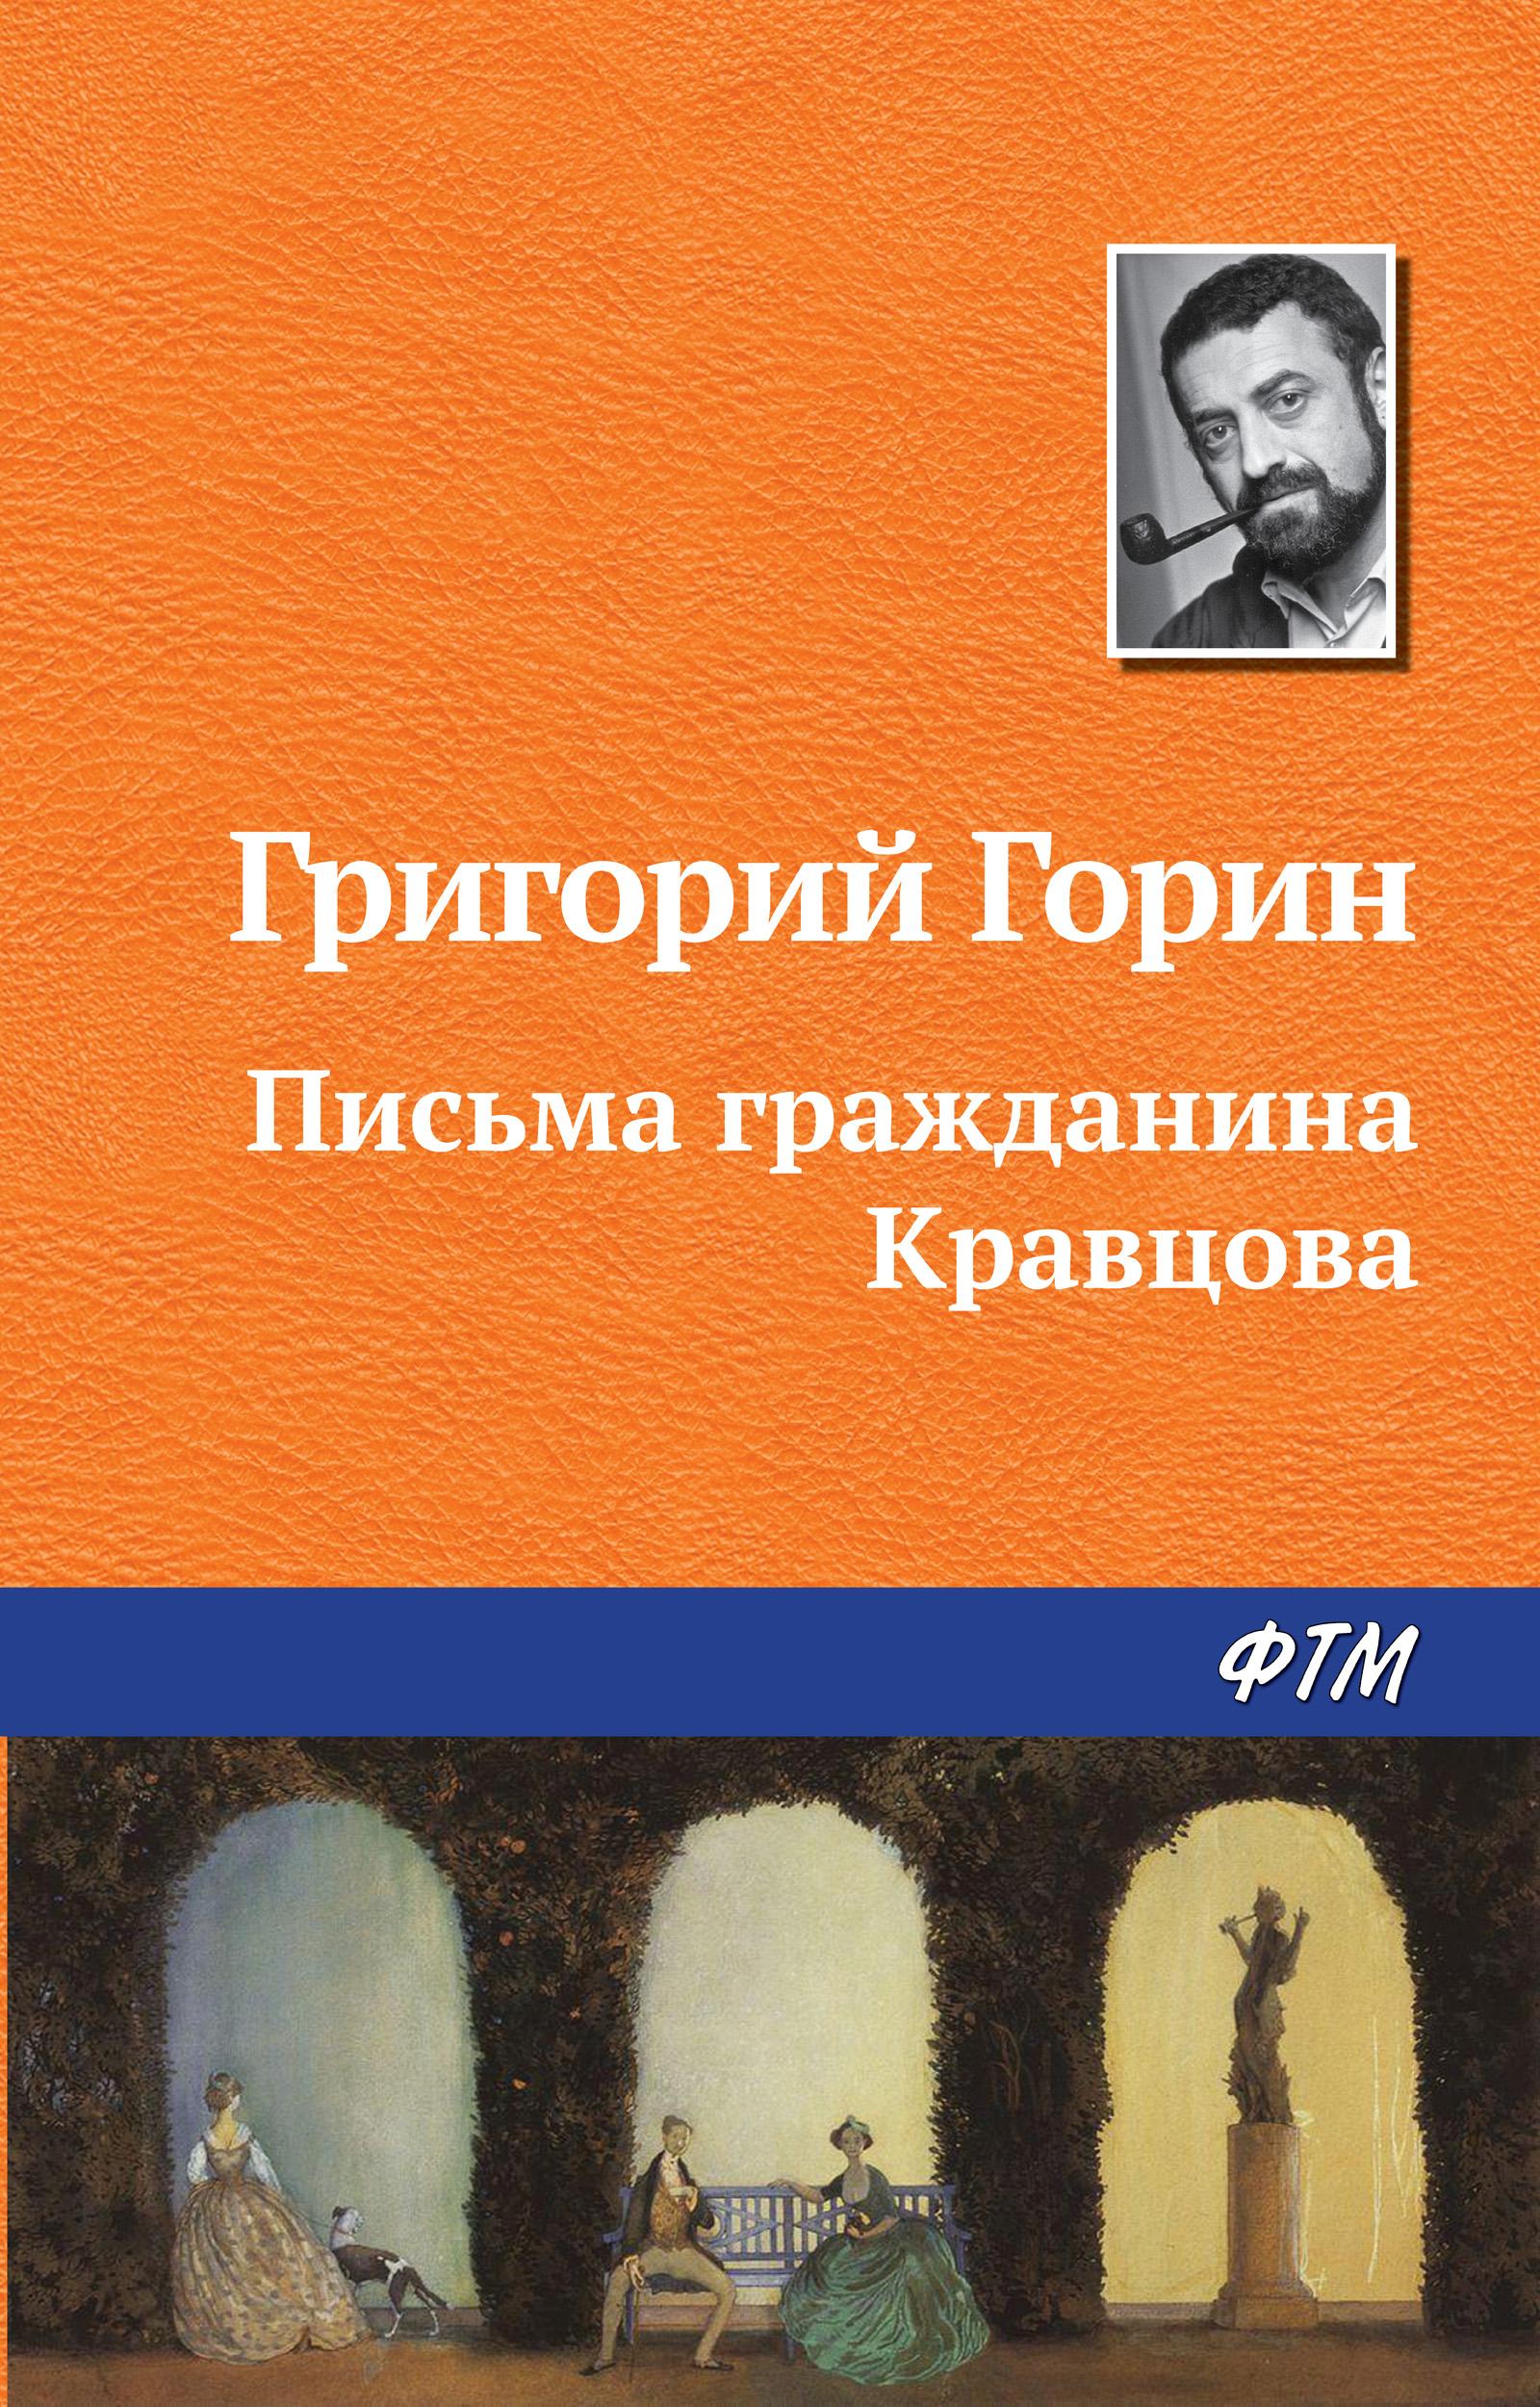 цены на Григорий Горин Письма гражданина Кравцова  в интернет-магазинах